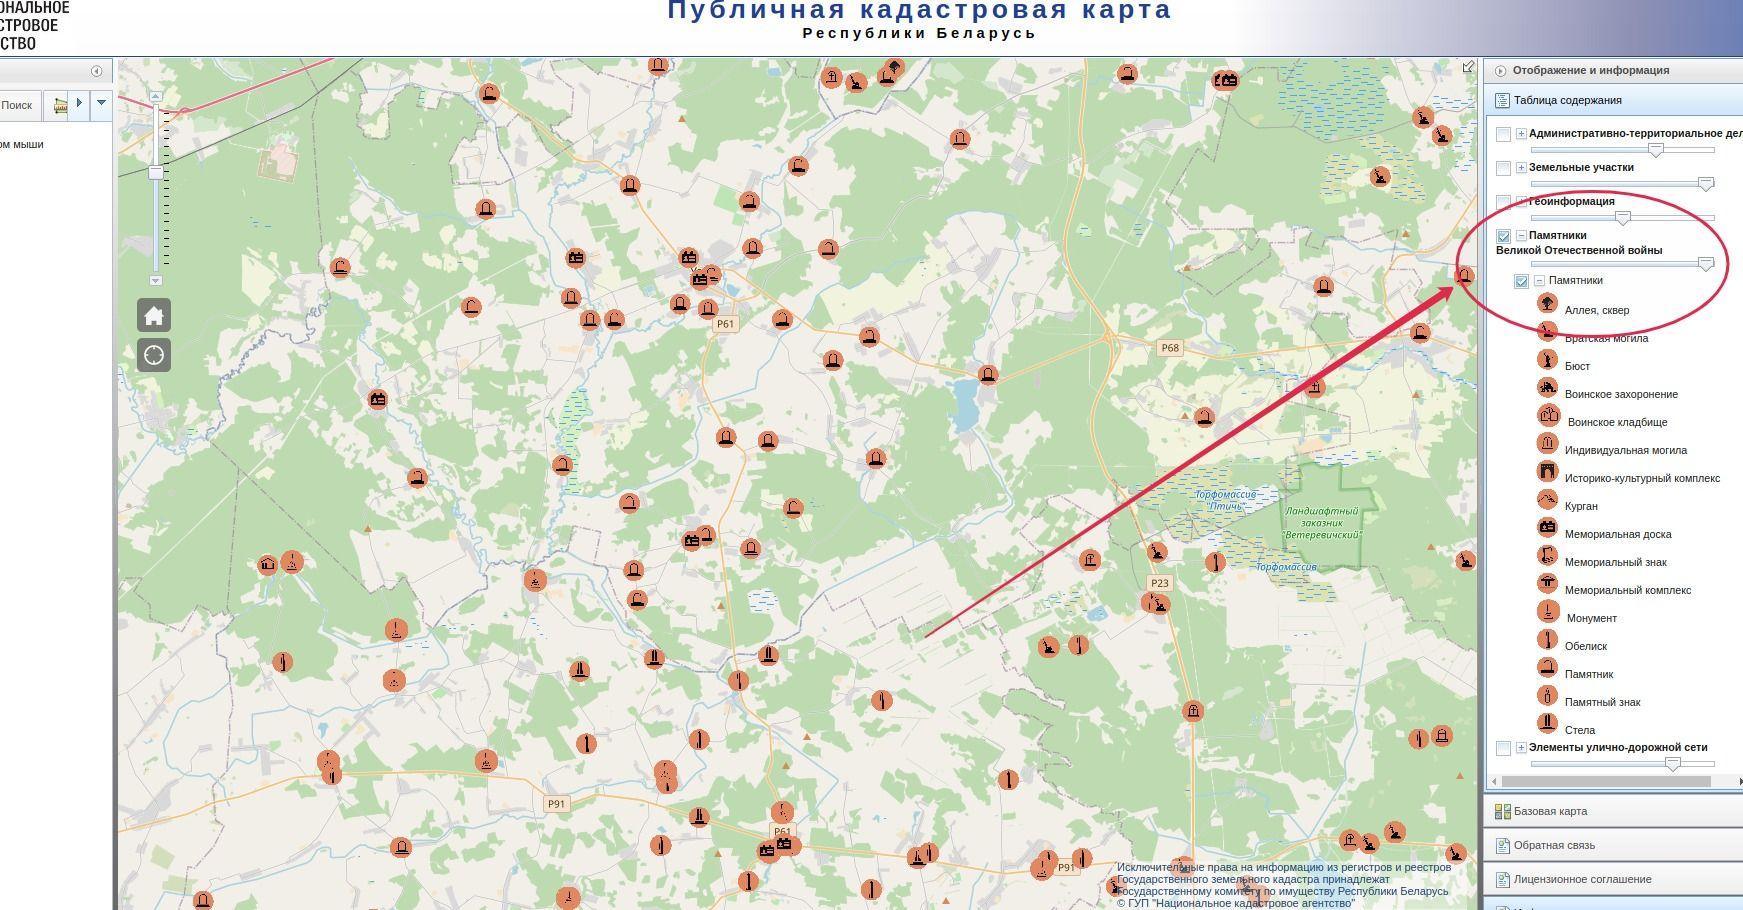 11-10-2020 публичная кадастровая карта.png